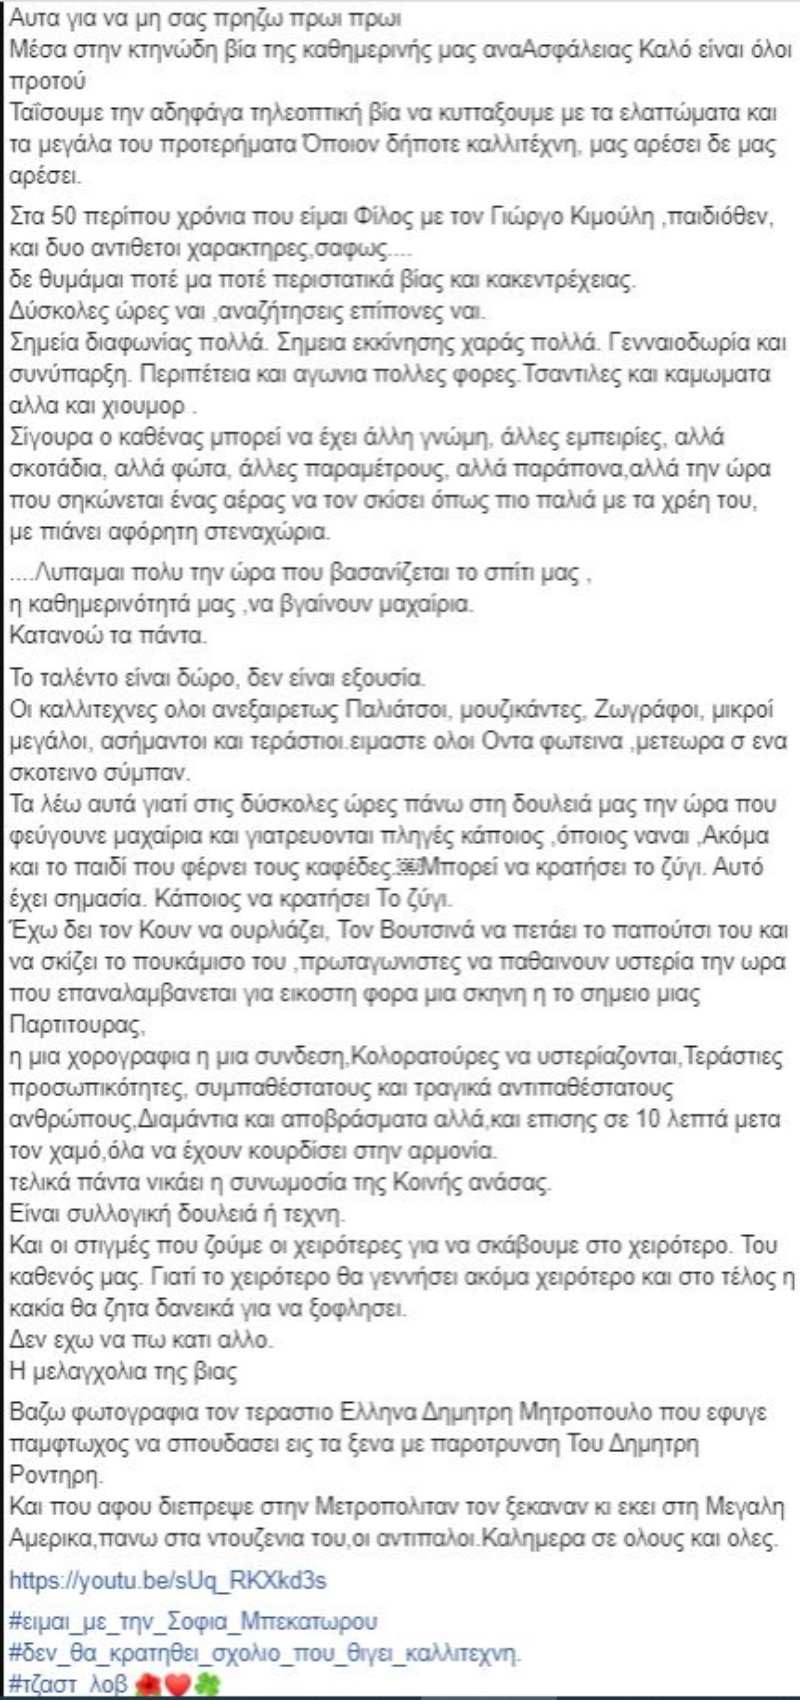 Ο Σταμάτης Κραουνάκης υποστηρίζει τον Γιώργο Κιμούλη